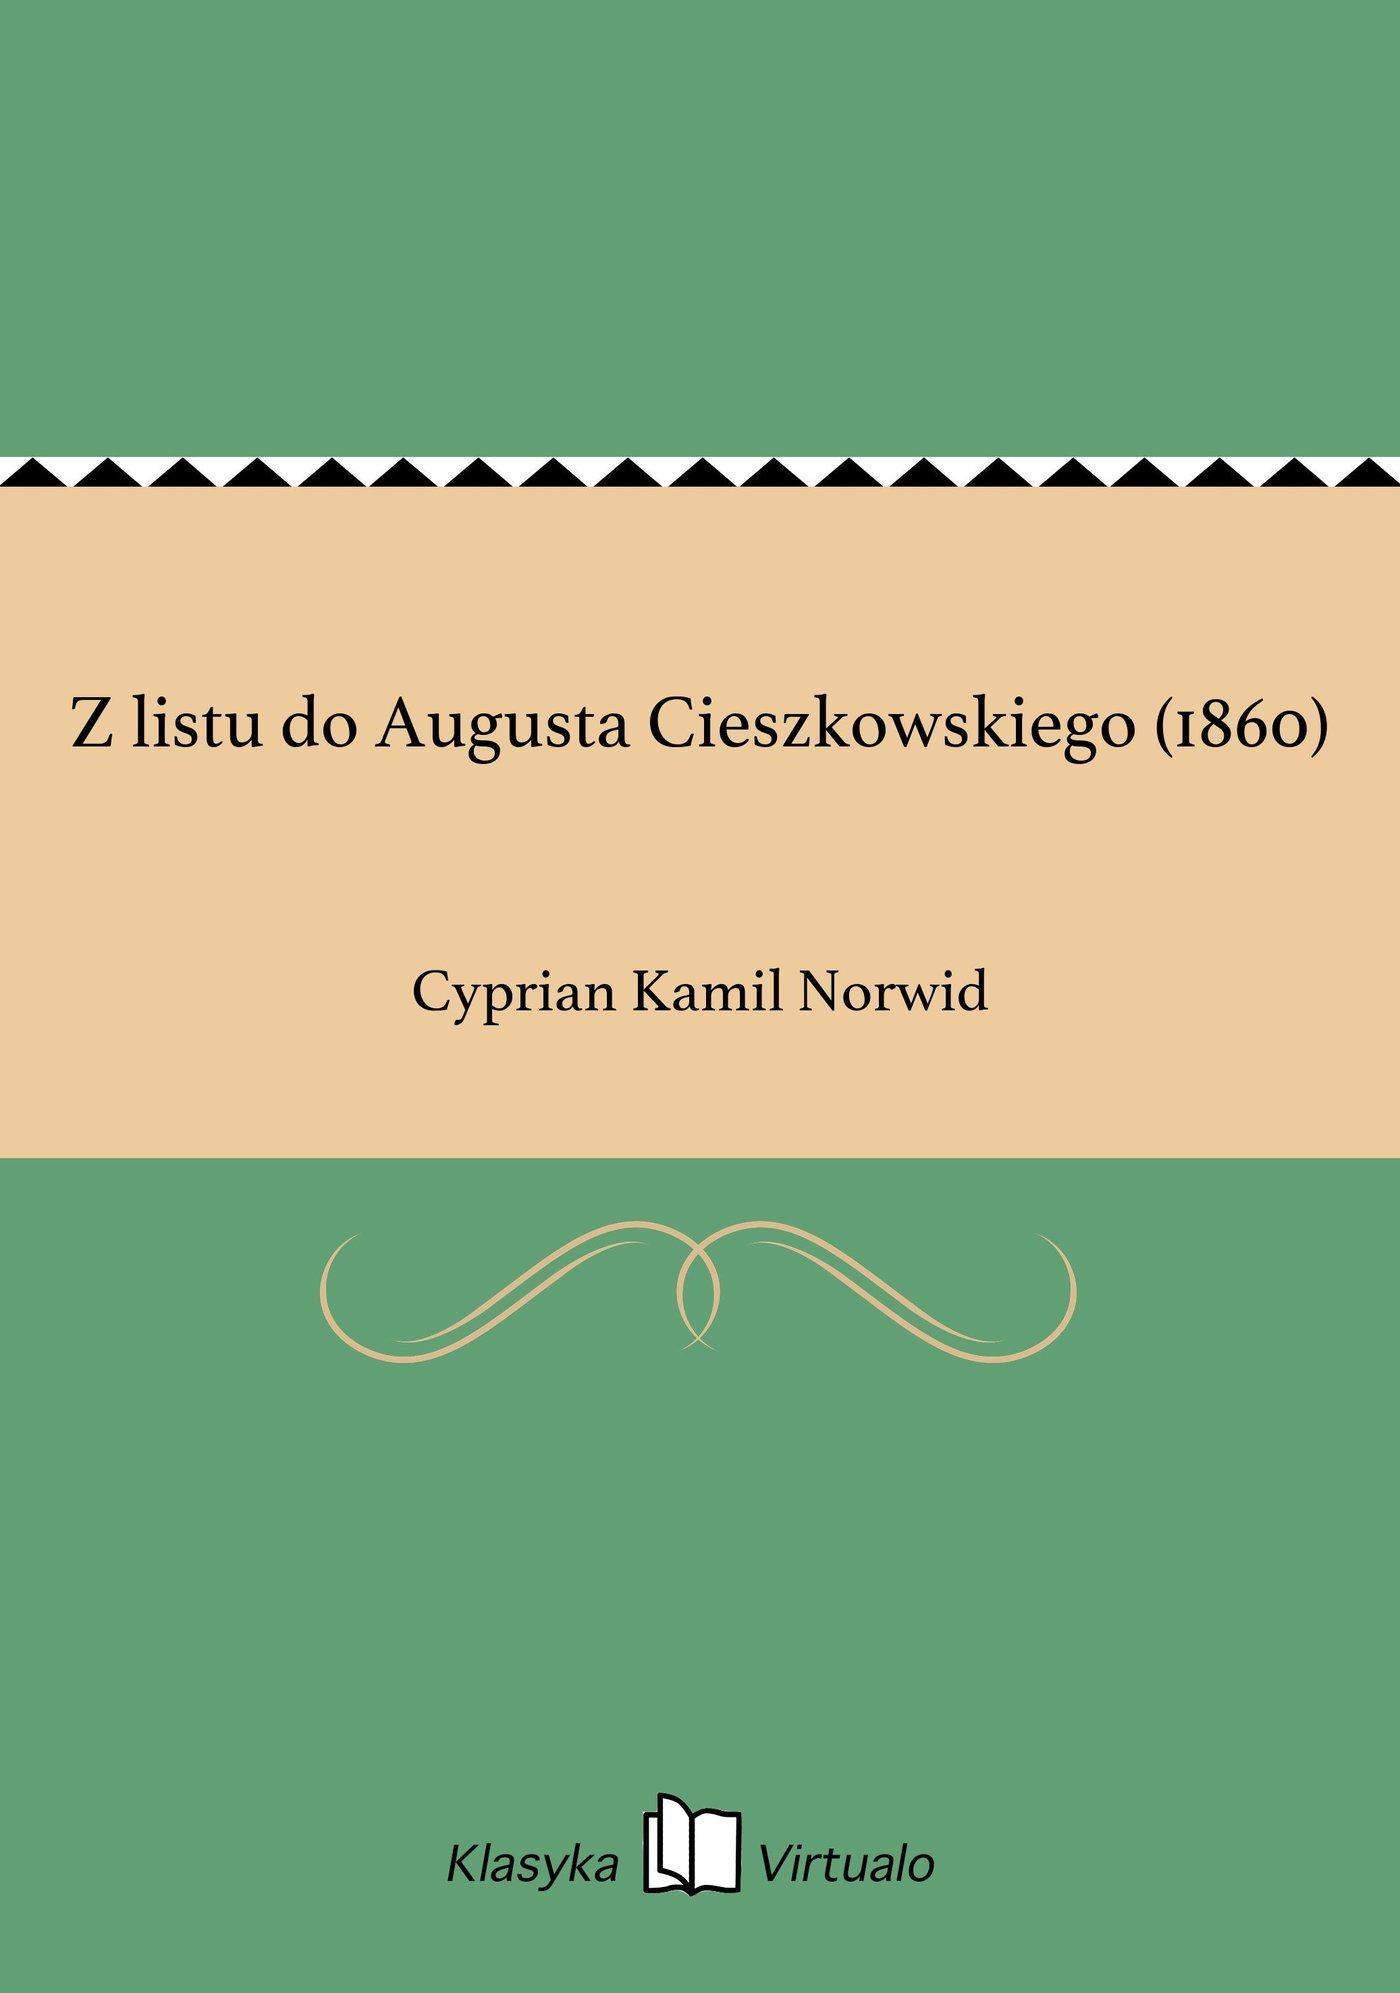 Z listu do Augusta Cieszkowskiego (1860) - Ebook (Książka EPUB) do pobrania w formacie EPUB